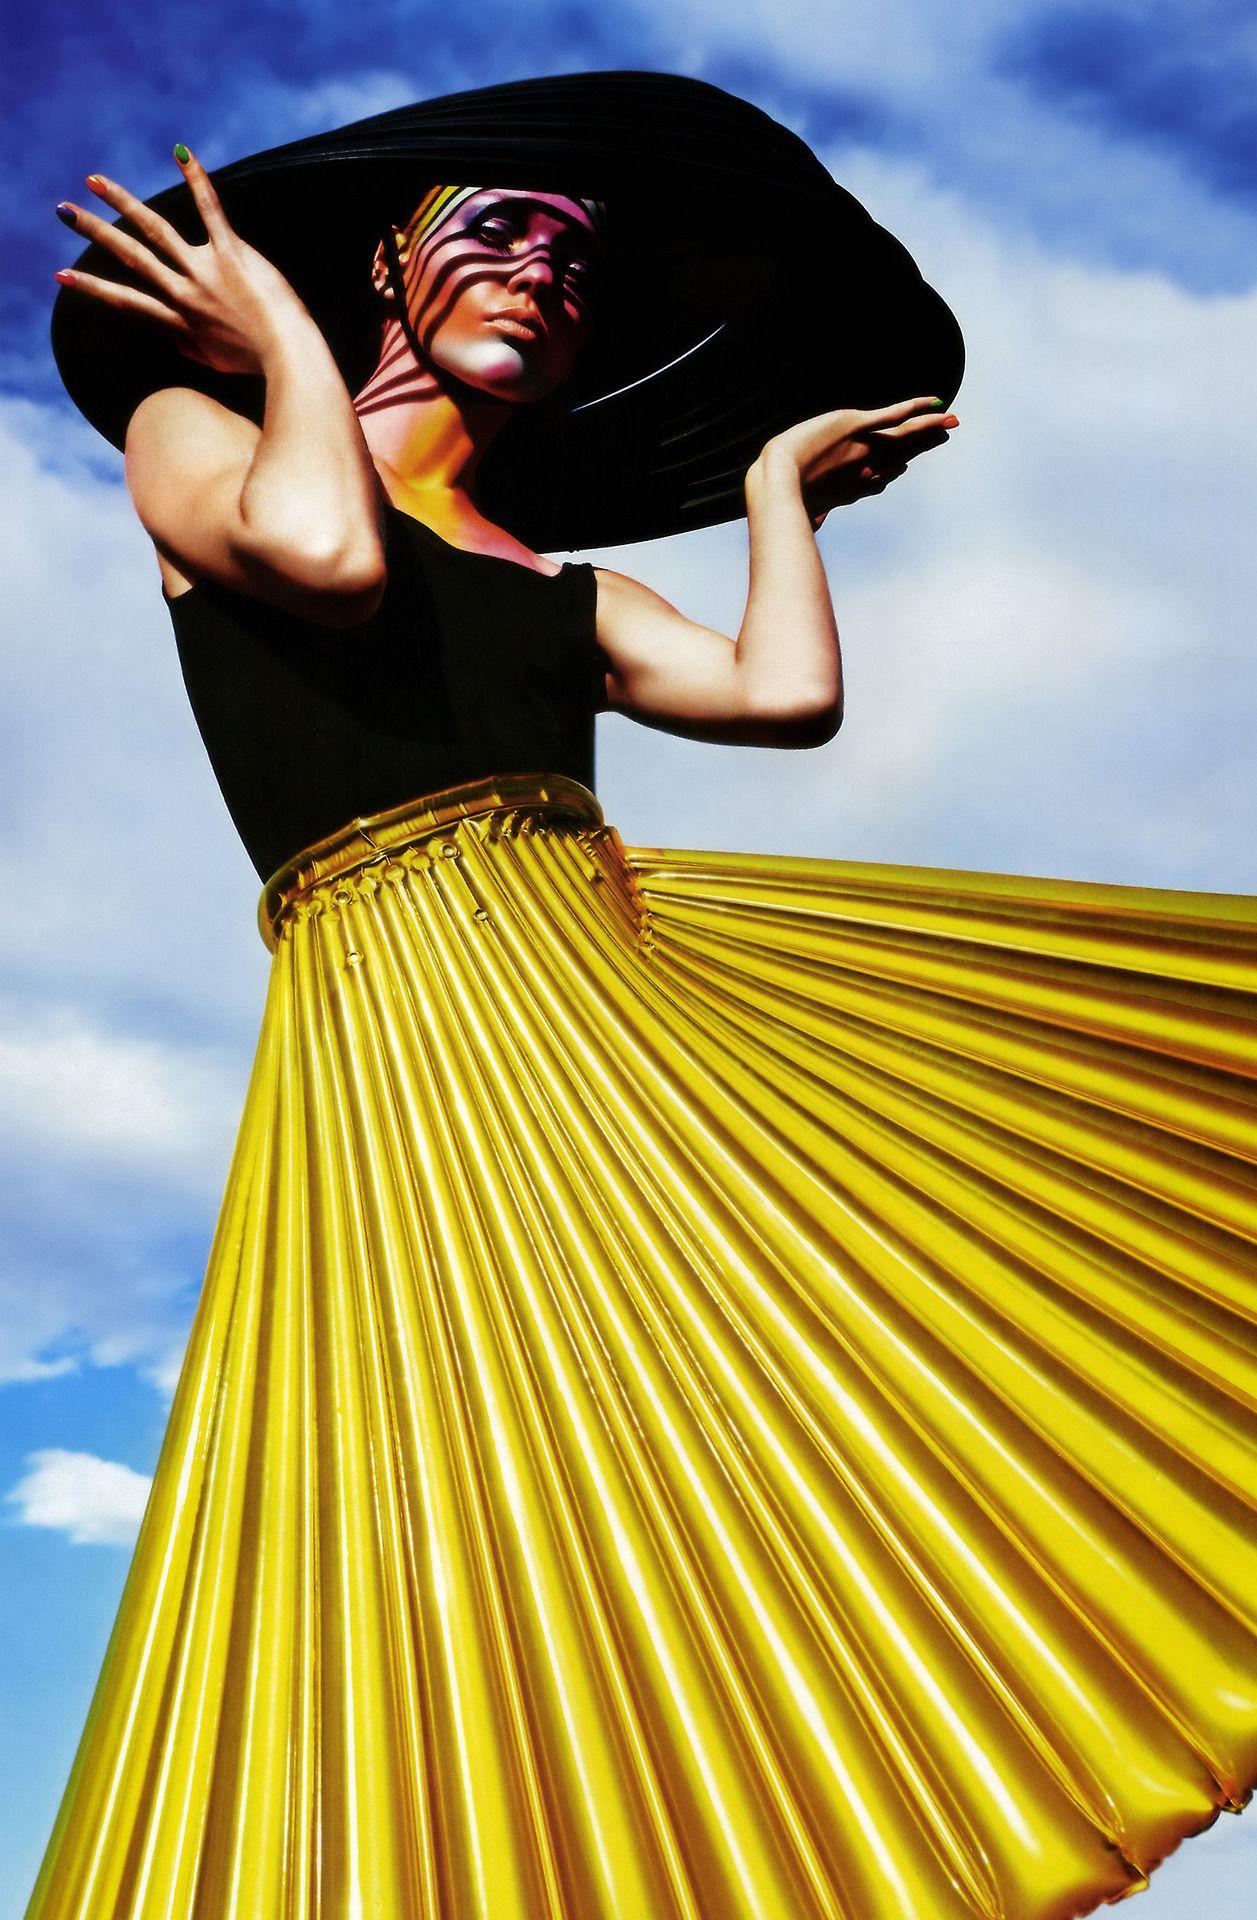 mario sorrenti, paris, fashion, Sasha Pivovarova, #Fashion #Photography